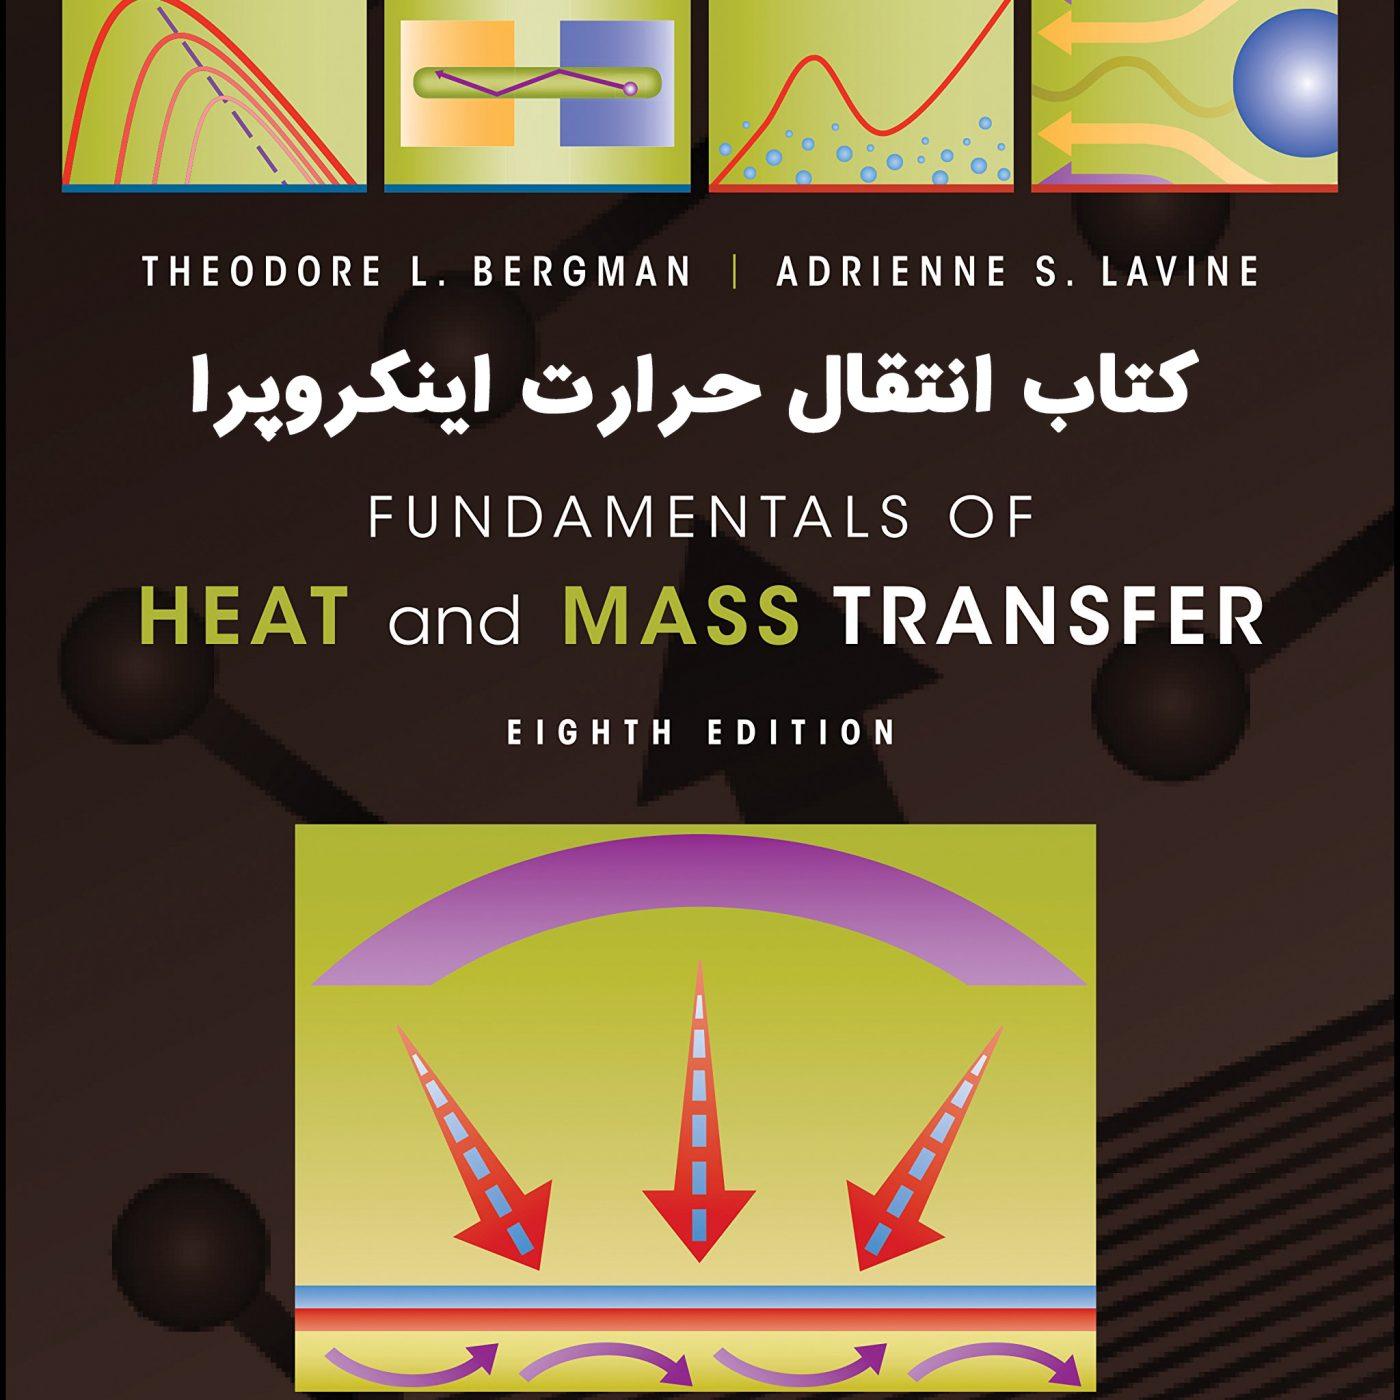 دانلود کتاب انتقال حرارت اینکروپرا ویرایش 8